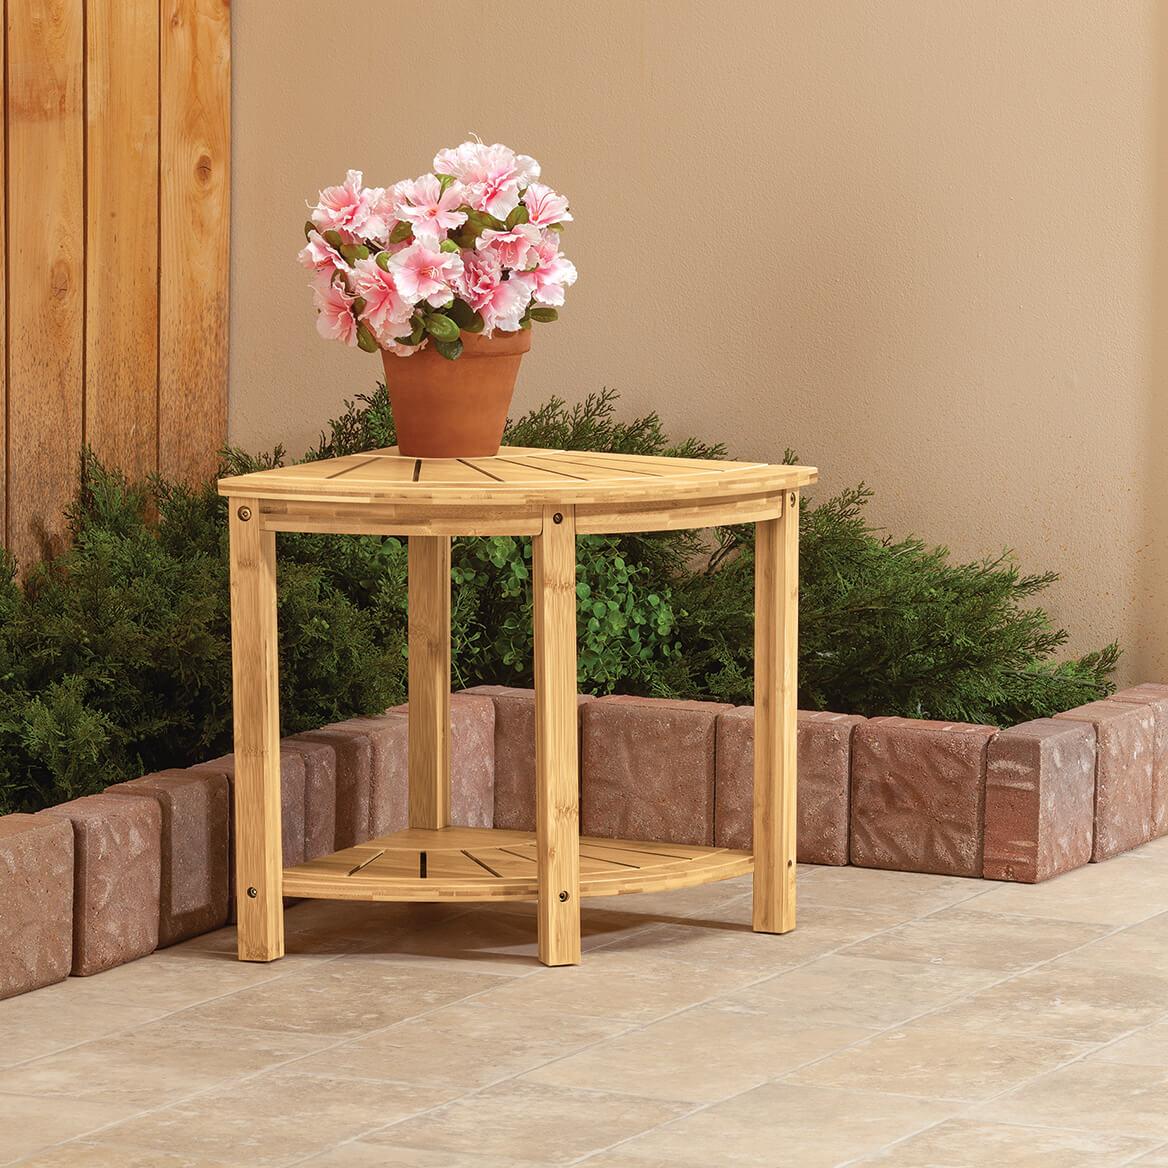 Bamboo Corner Bench-370472